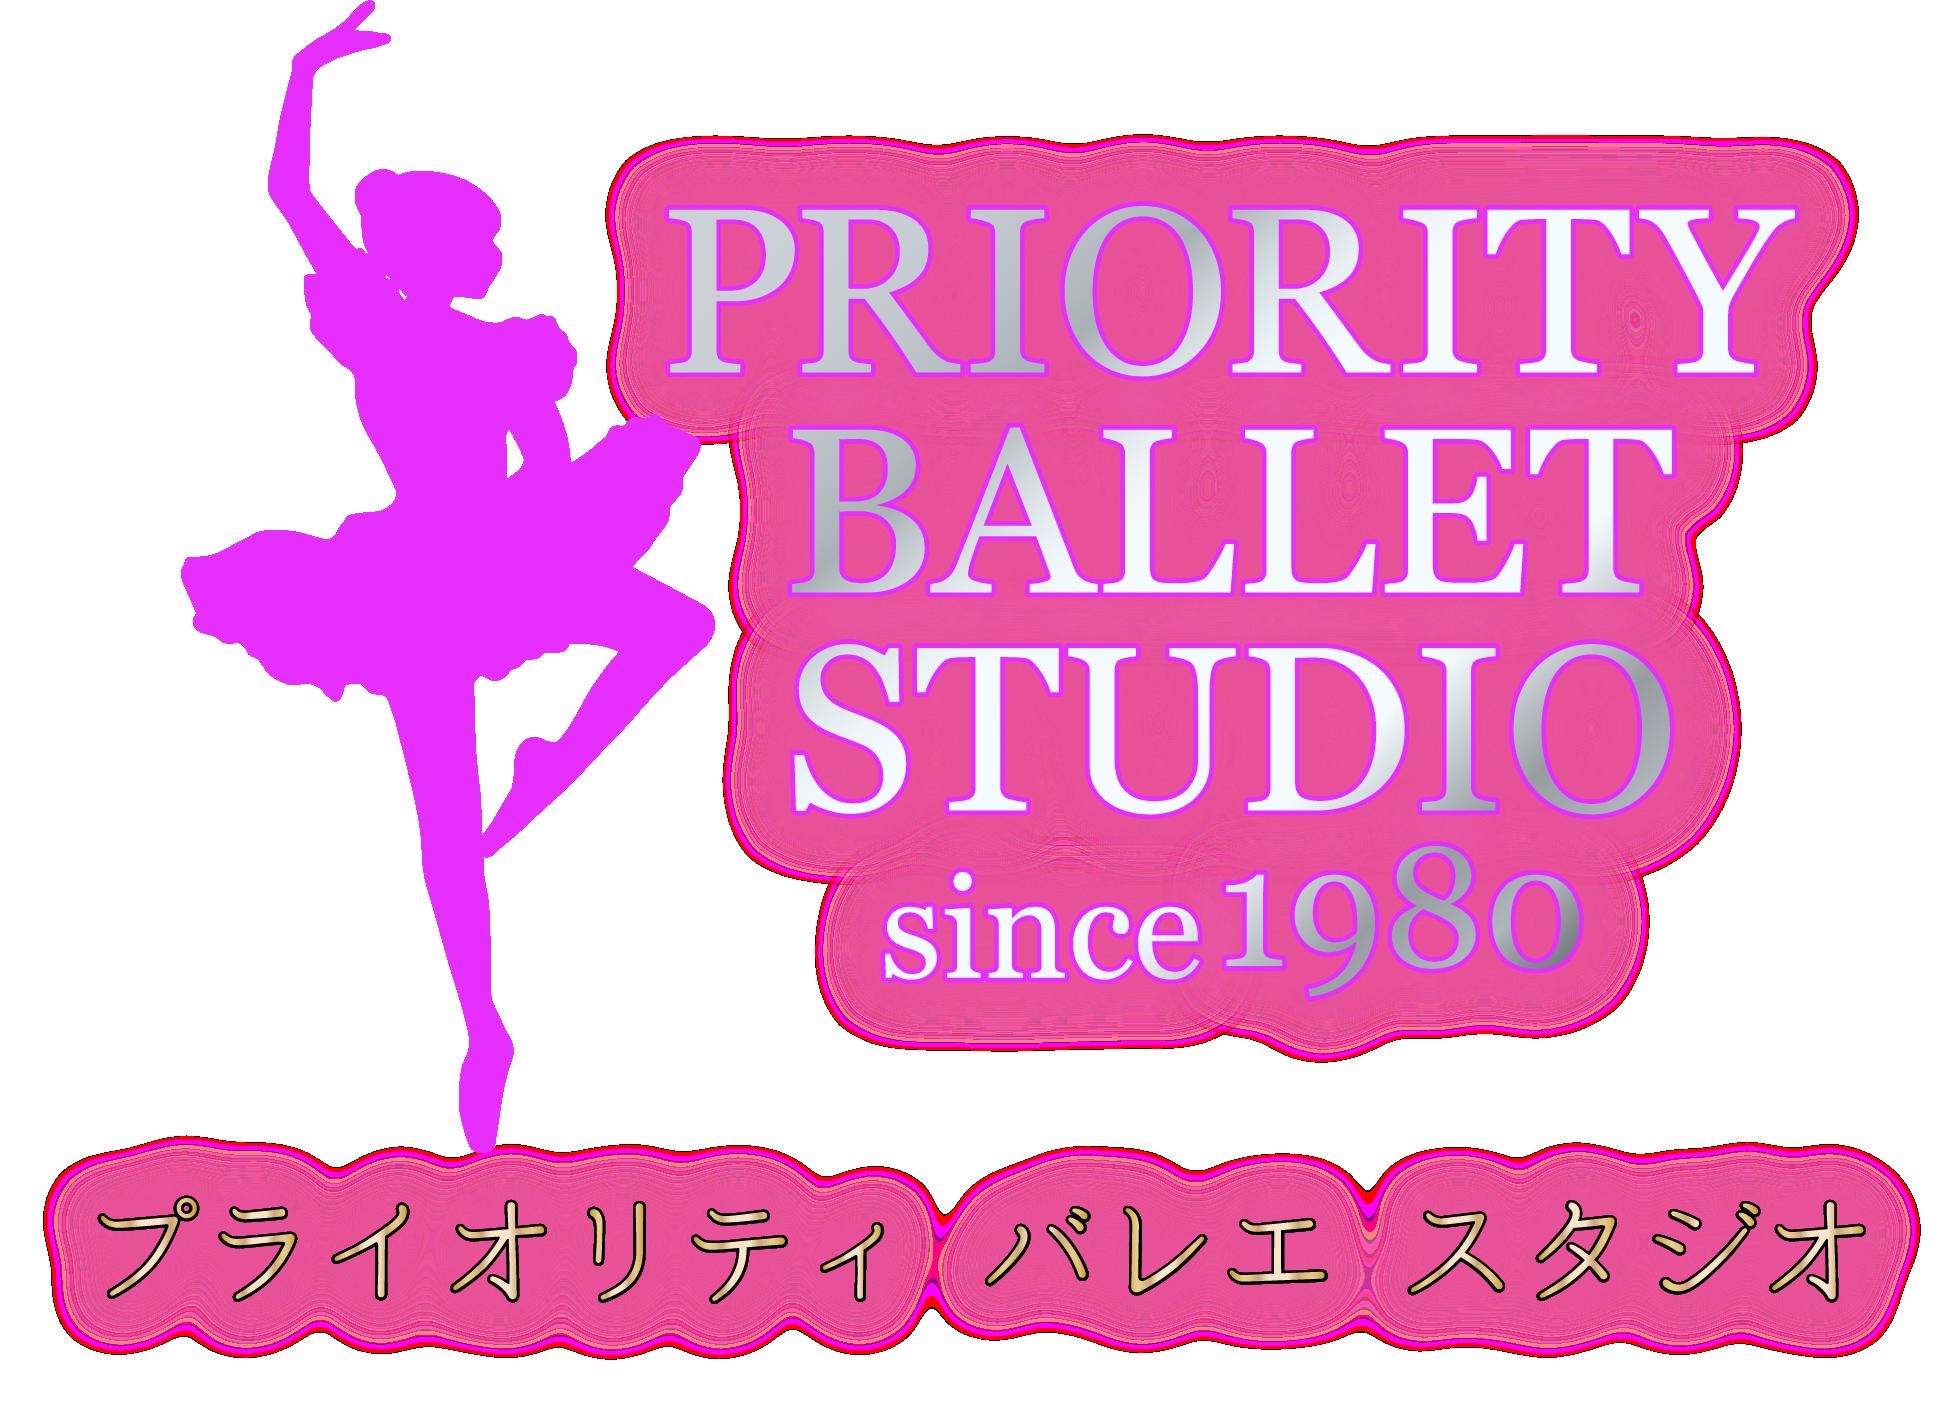 プライオリティバレエスタジオ